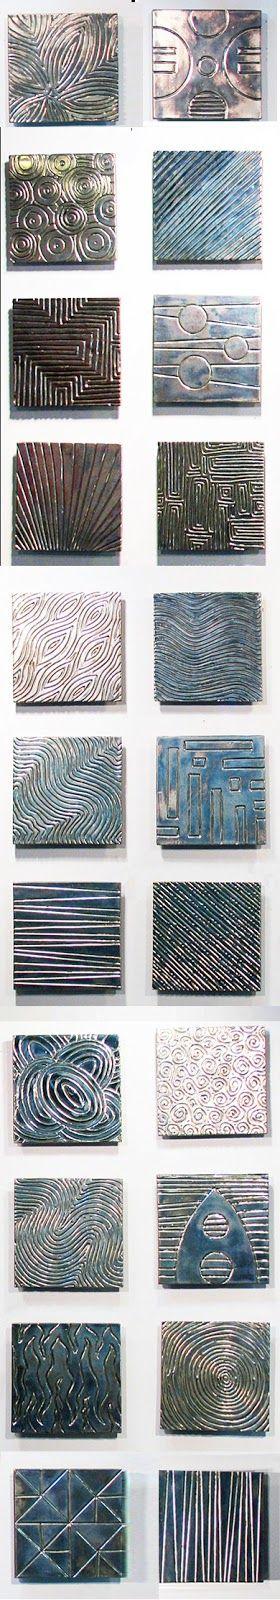 Jason Messinger Art: New Tile Murals From Jason Messinger Art